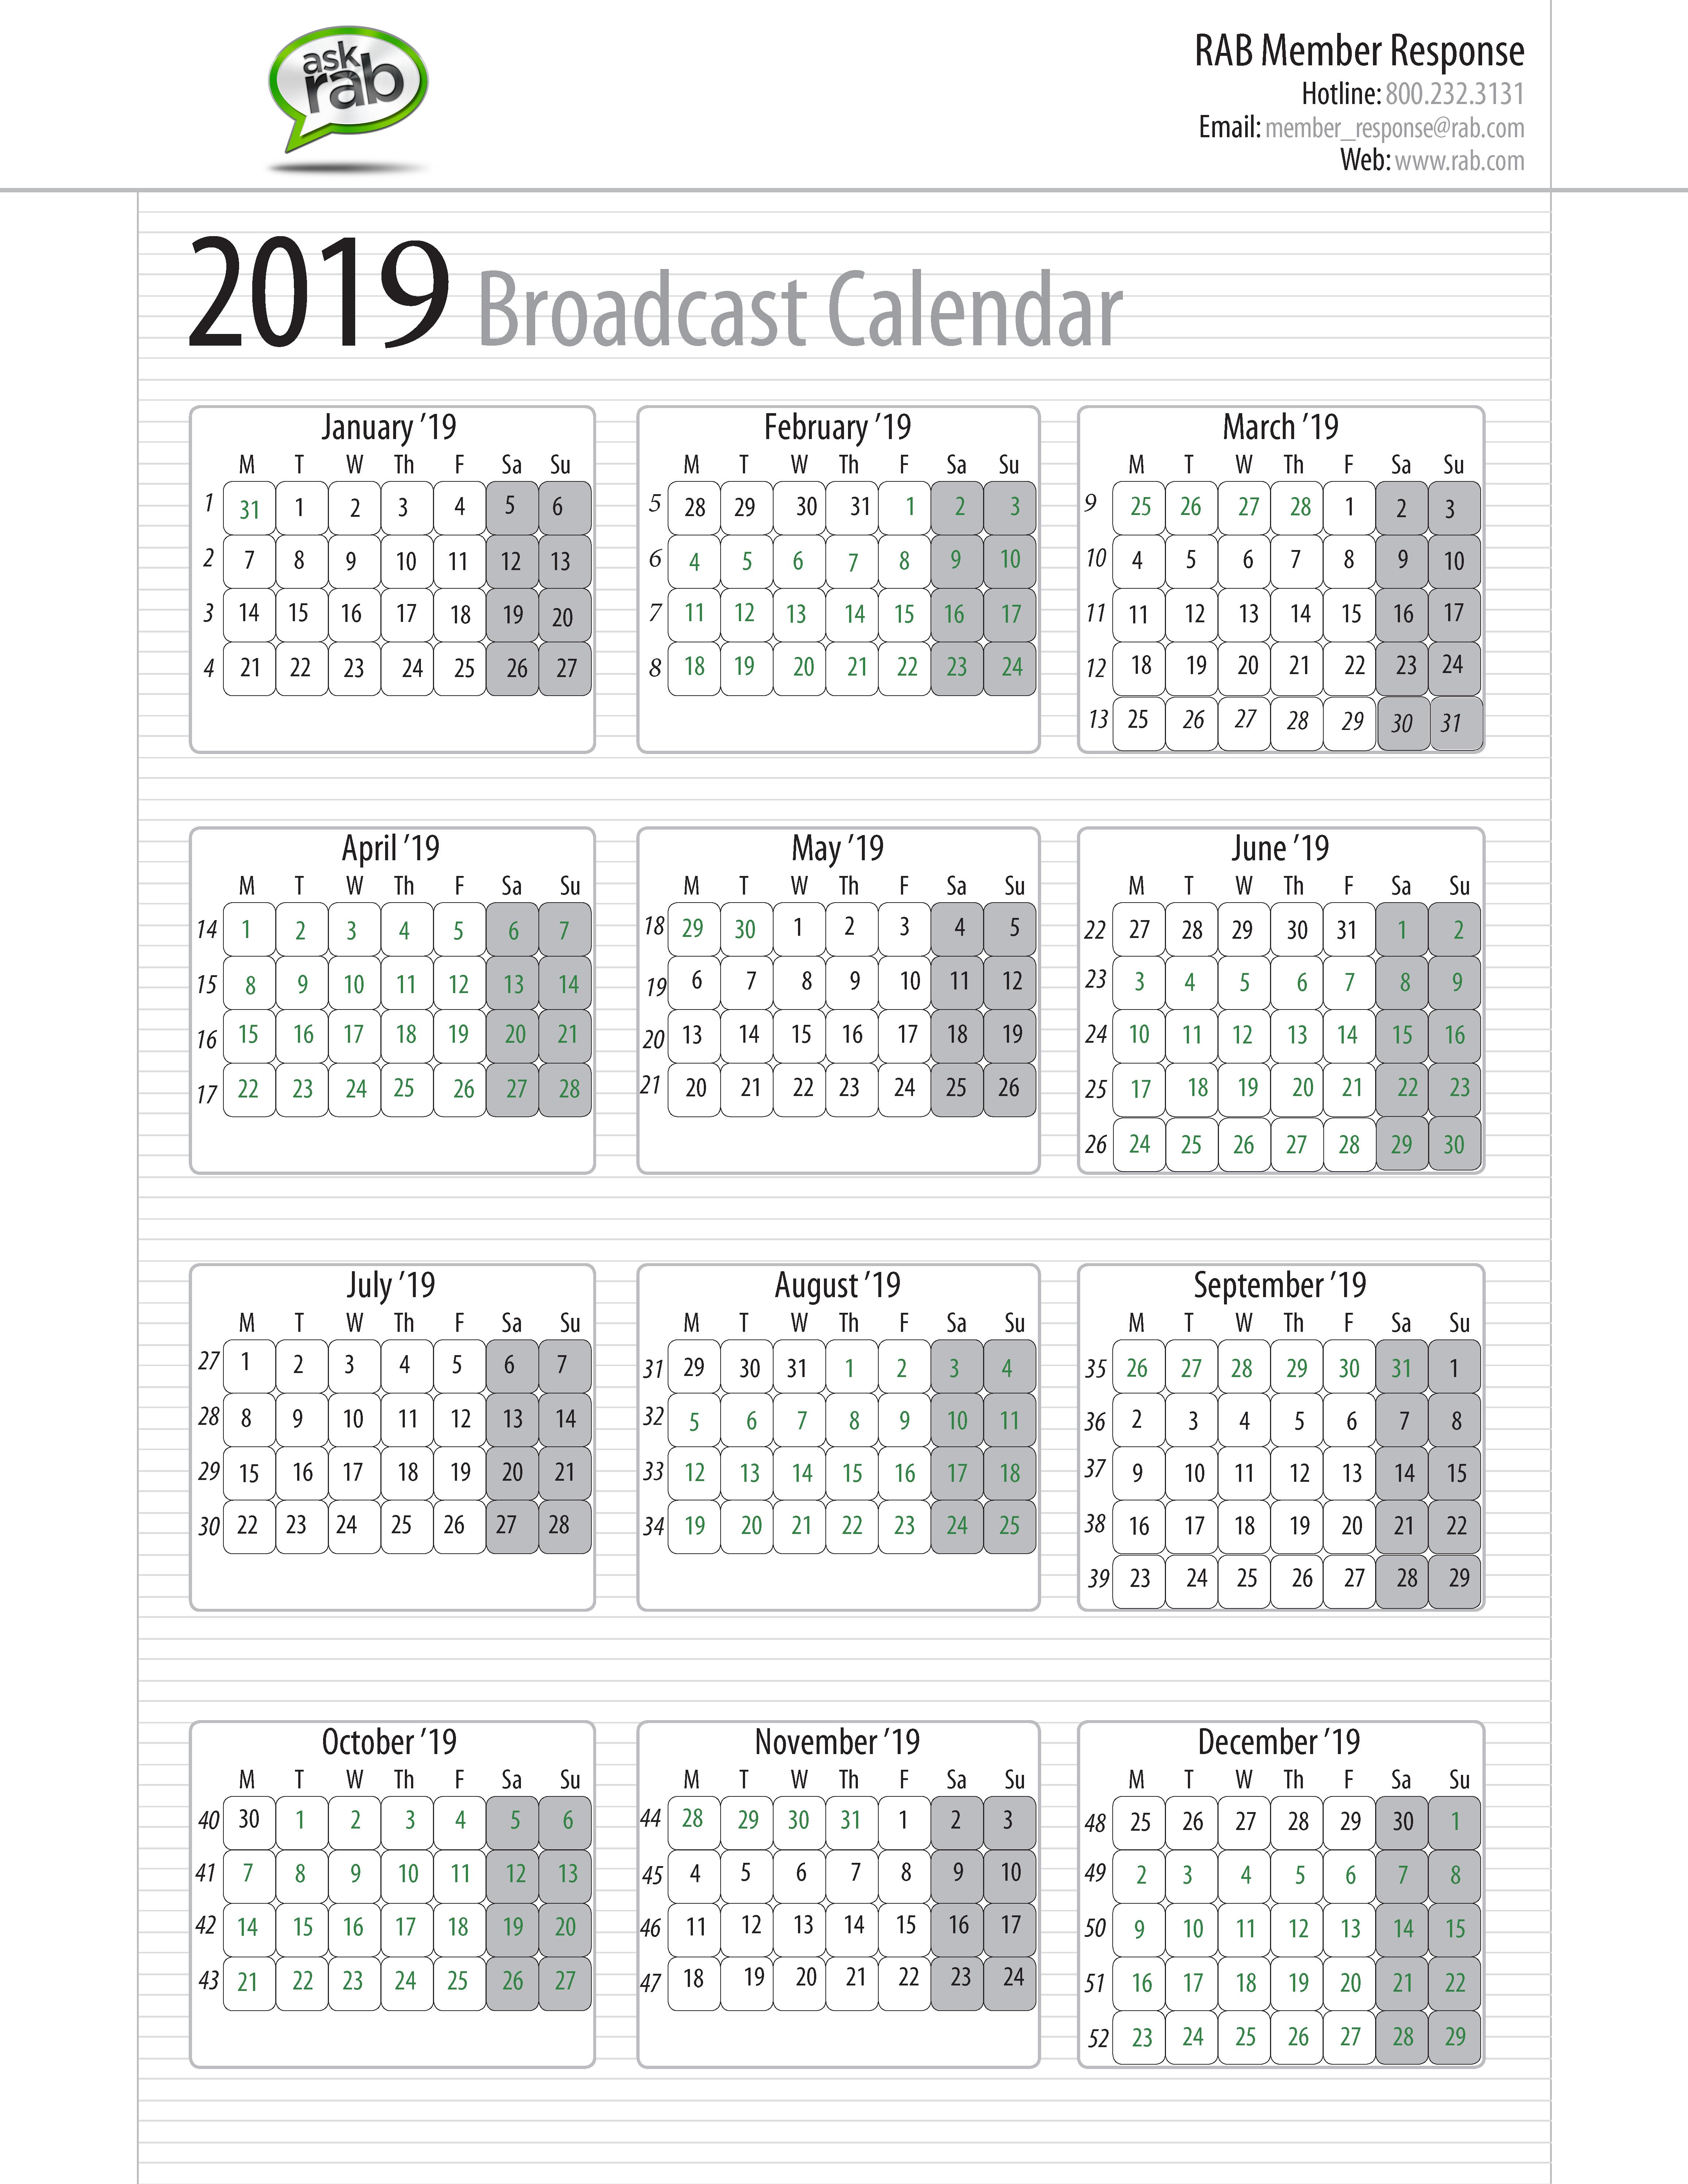 Broadcast Calendars | Rab Calendar Q1 2019